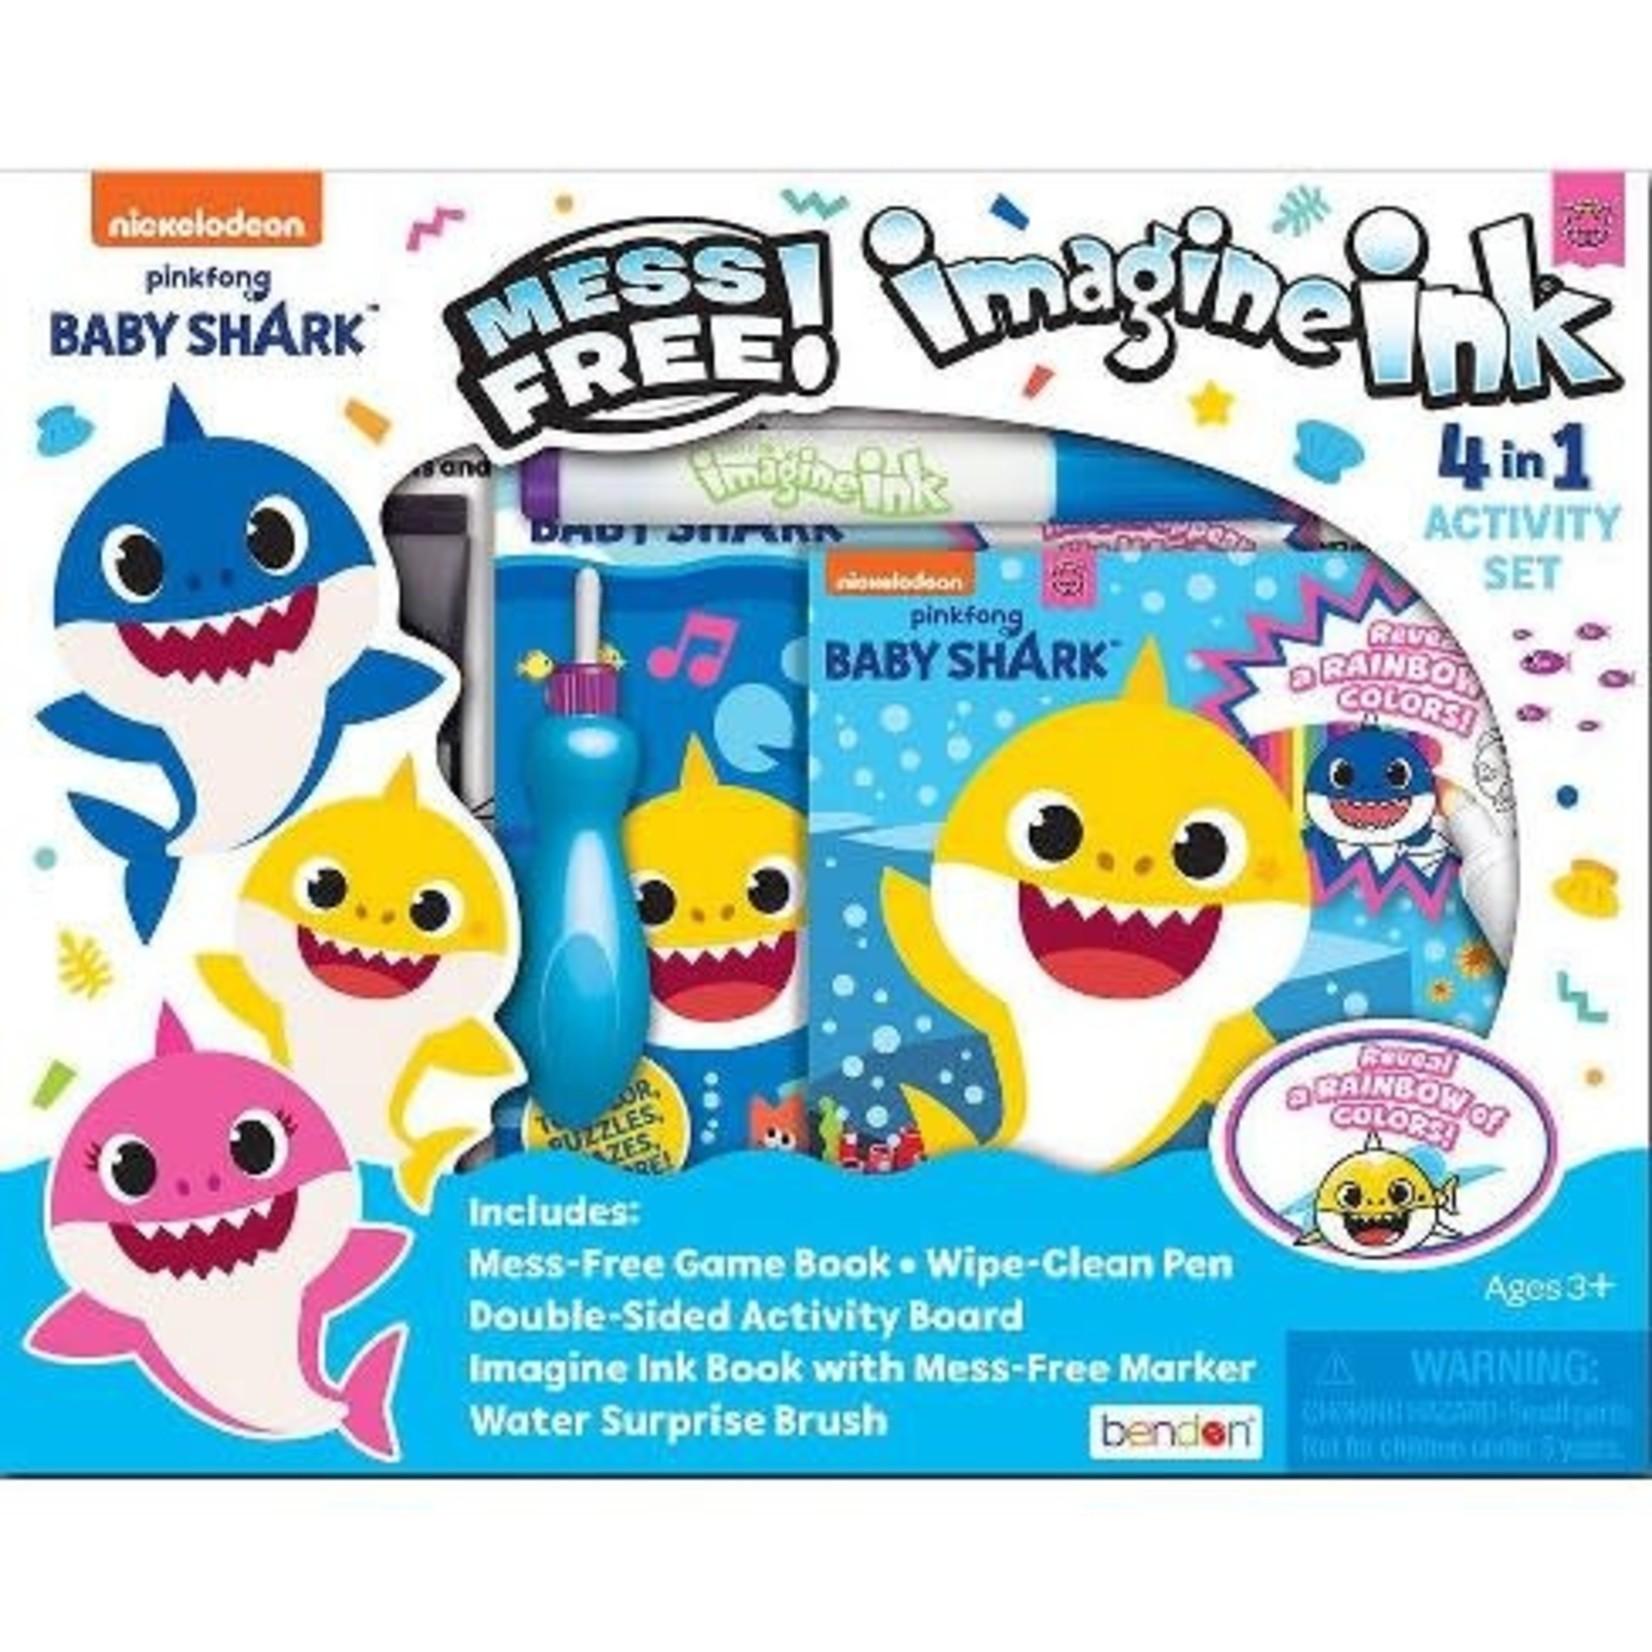 Baby Shark 4-in-1 Activity Kit